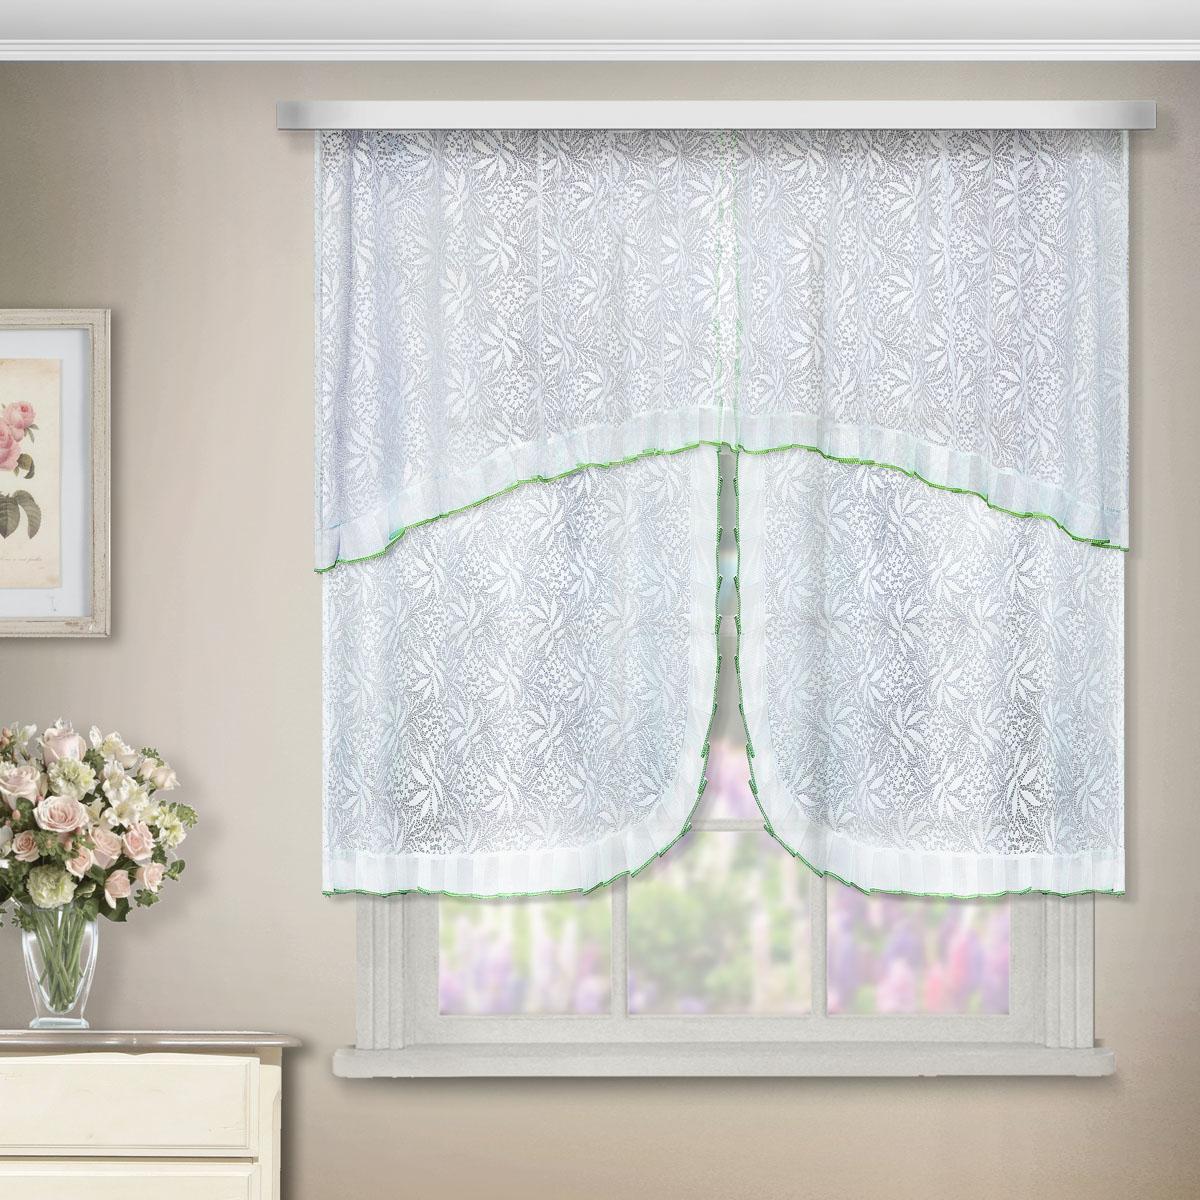 Комплект штор Zlata Korunka, на ленте, цвет: белый, высота 95 см. 88880SVC-300Комплект штор Zlata Korunka, выполненный из полиэстера, великолепно украсит любое окно. Комплект состоит из ламбрекена, двух штор и двух подхватов. Цветочный узор и воздушная текстура привлекут к себе внимание и органично впишутся в интерьер помещения. Этот комплект будет долгое время радовать вас и вашу семью!Комплект крепится на карниз при помощи ленты, которая поможет красиво и равномерно задрапировать верх. В комплект входит: Ламбрекен: 1 шт. Размер (Ш х В): 200 см х 65 см. Штора: 2 шт. Размер (Ш х В): 75 см х 95 см.Подхват: 2 шт.